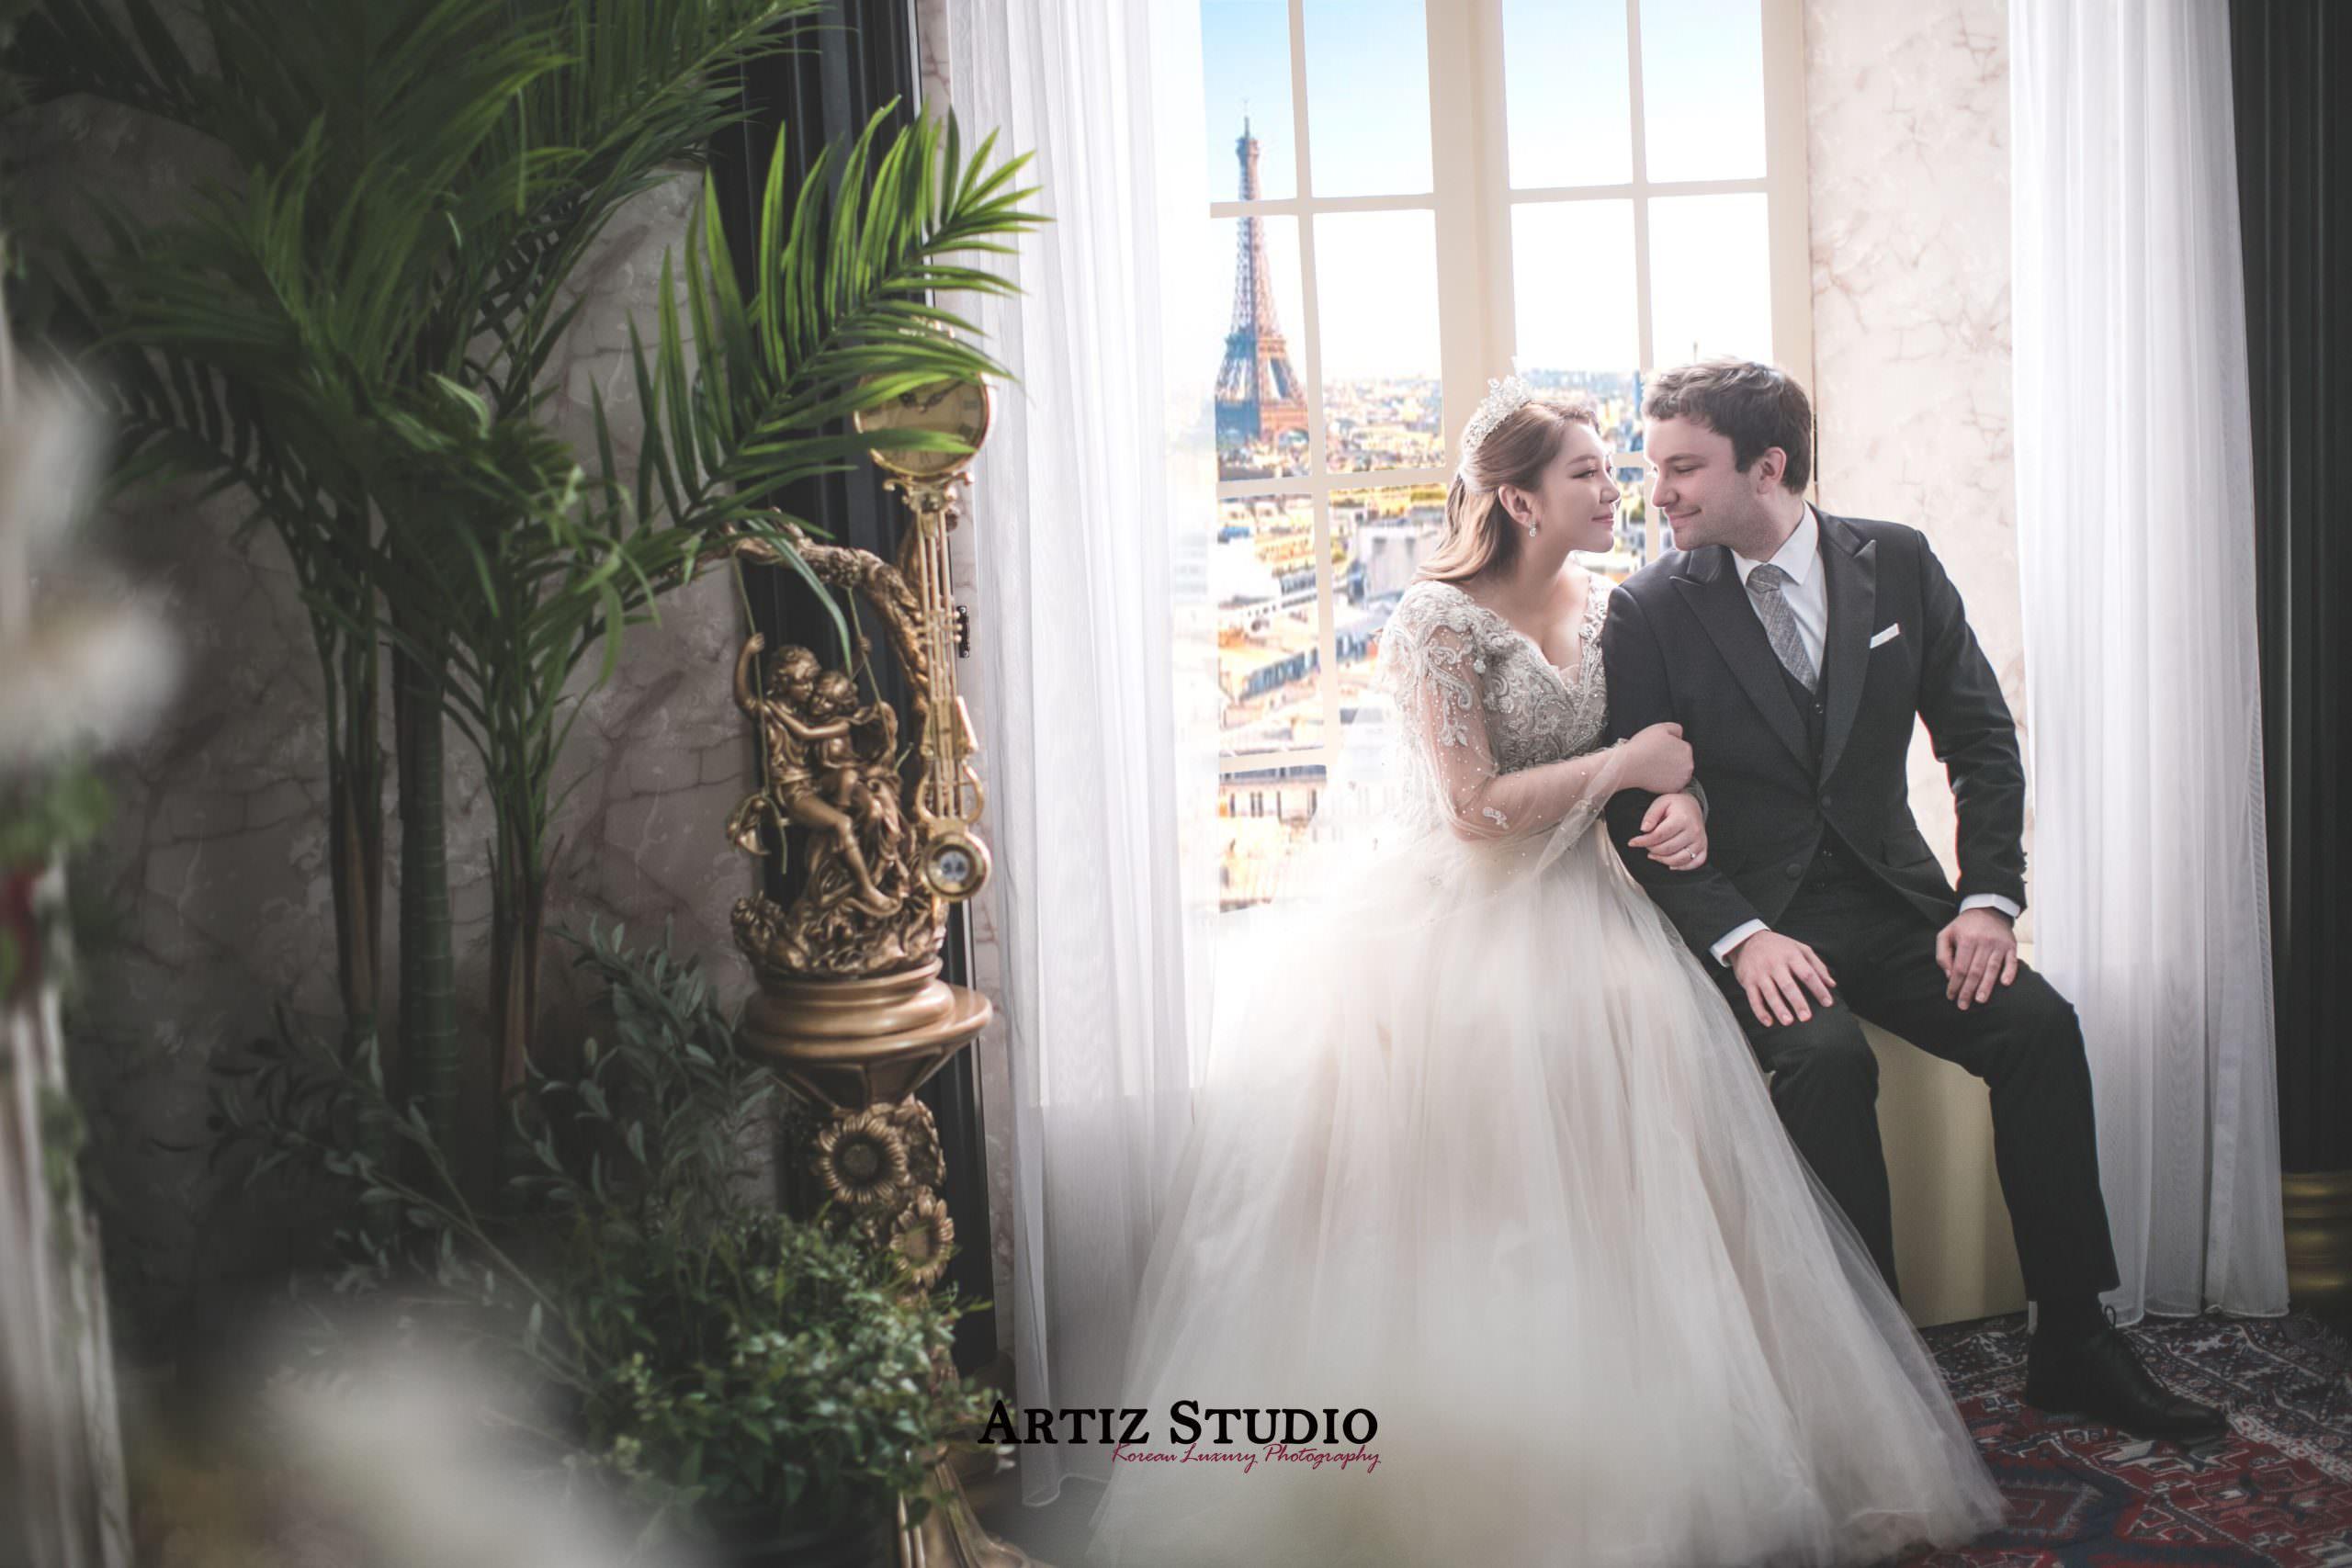 韓國藝匠 Artiz Studio~棉花糖女孩也可以嘗試的道地韓式婚紗(婚紗款式多且美到選擇障礙!)